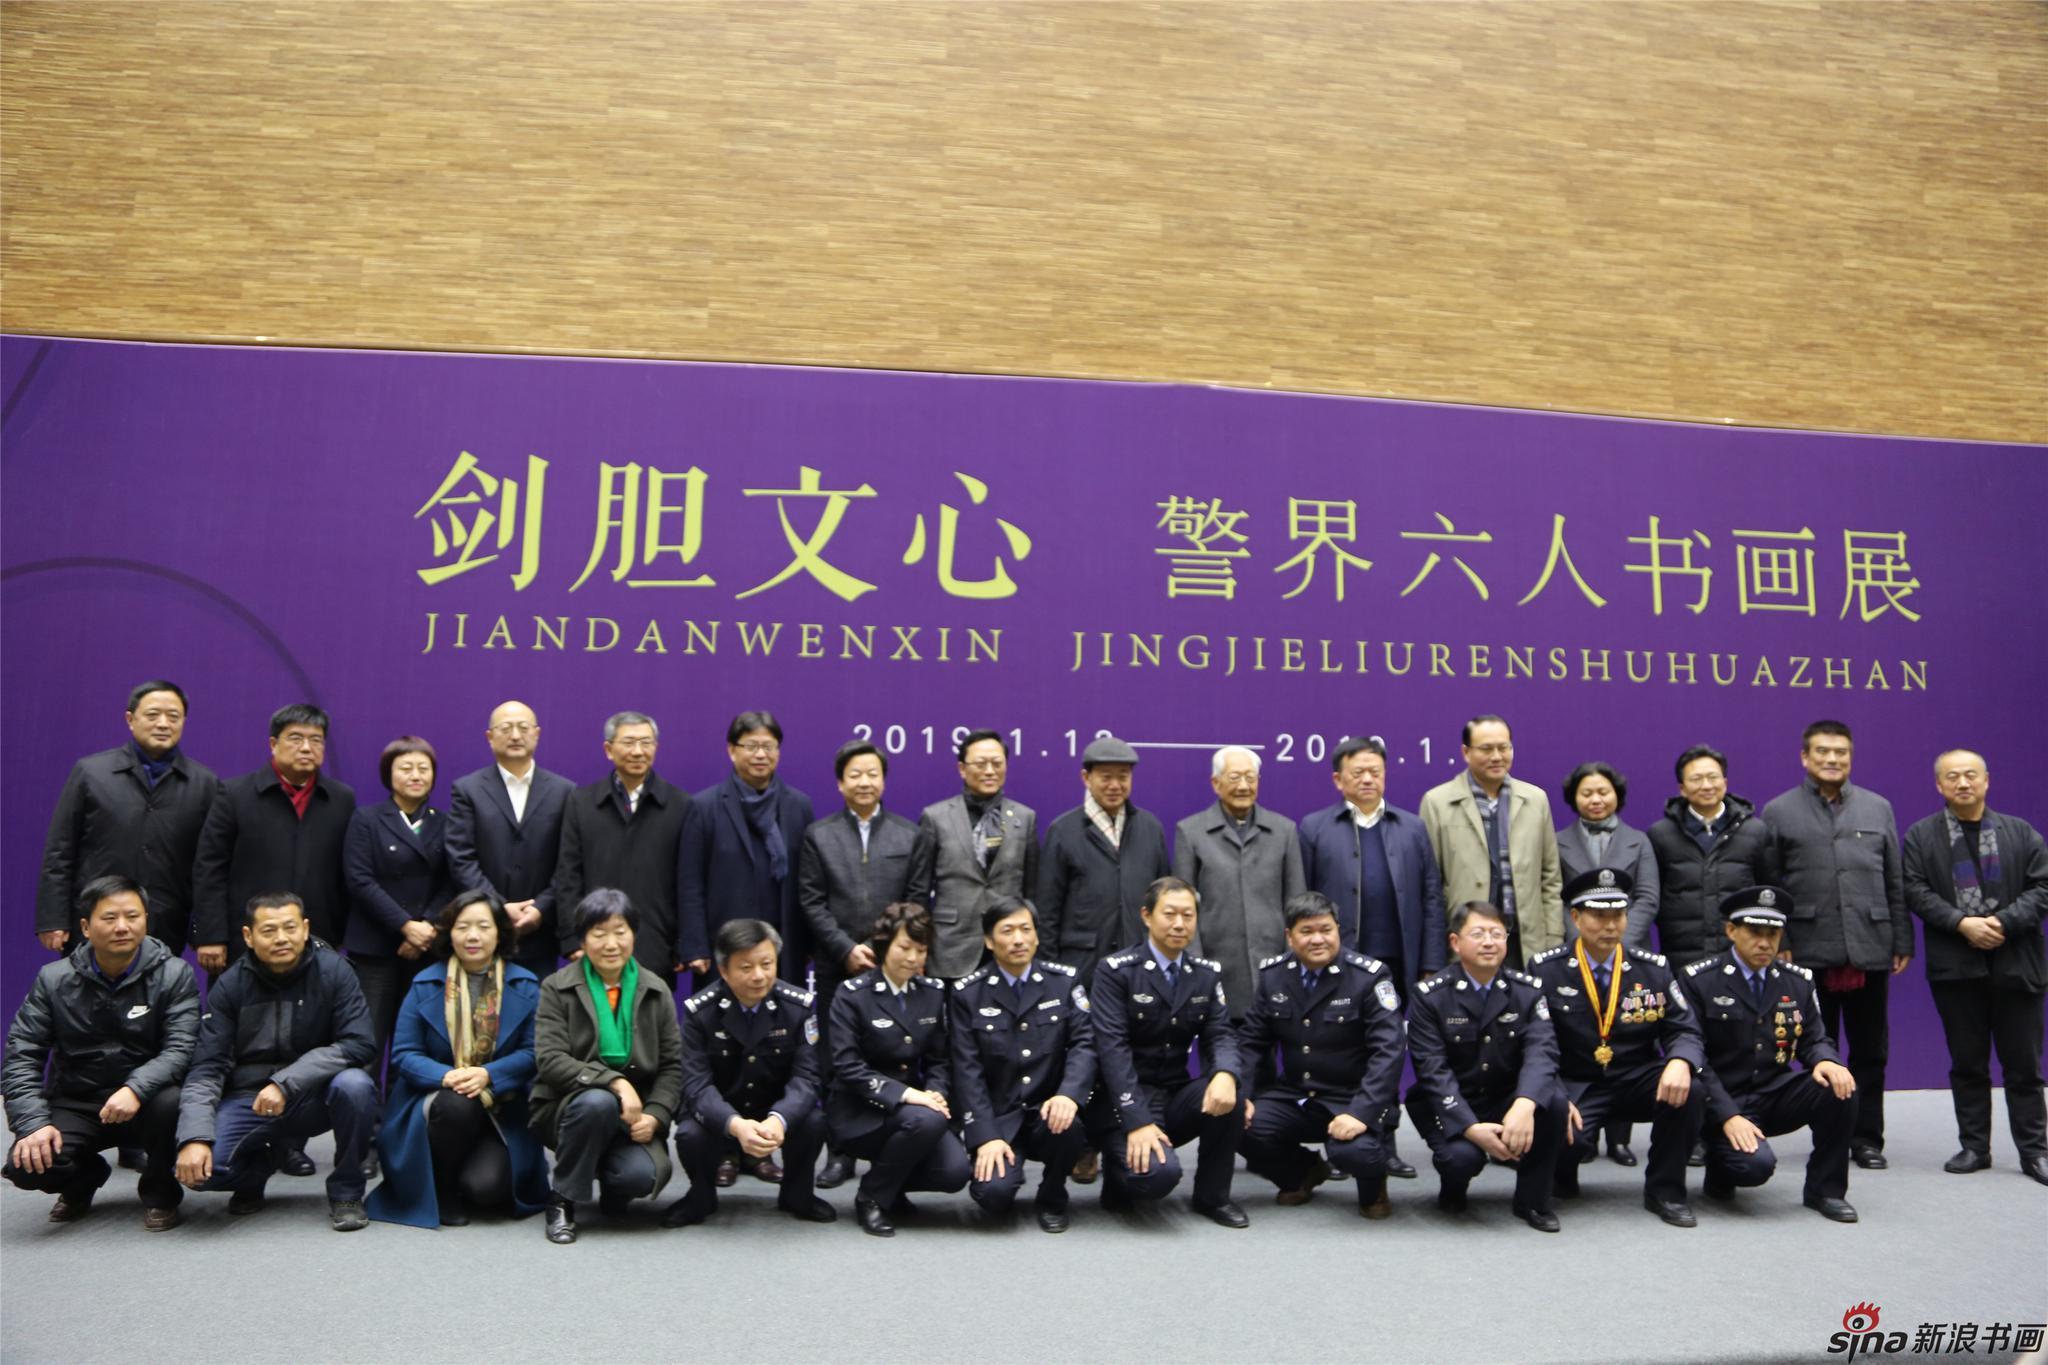 剑胆文心——警界六人书画展在金陵美术馆隆重开幕